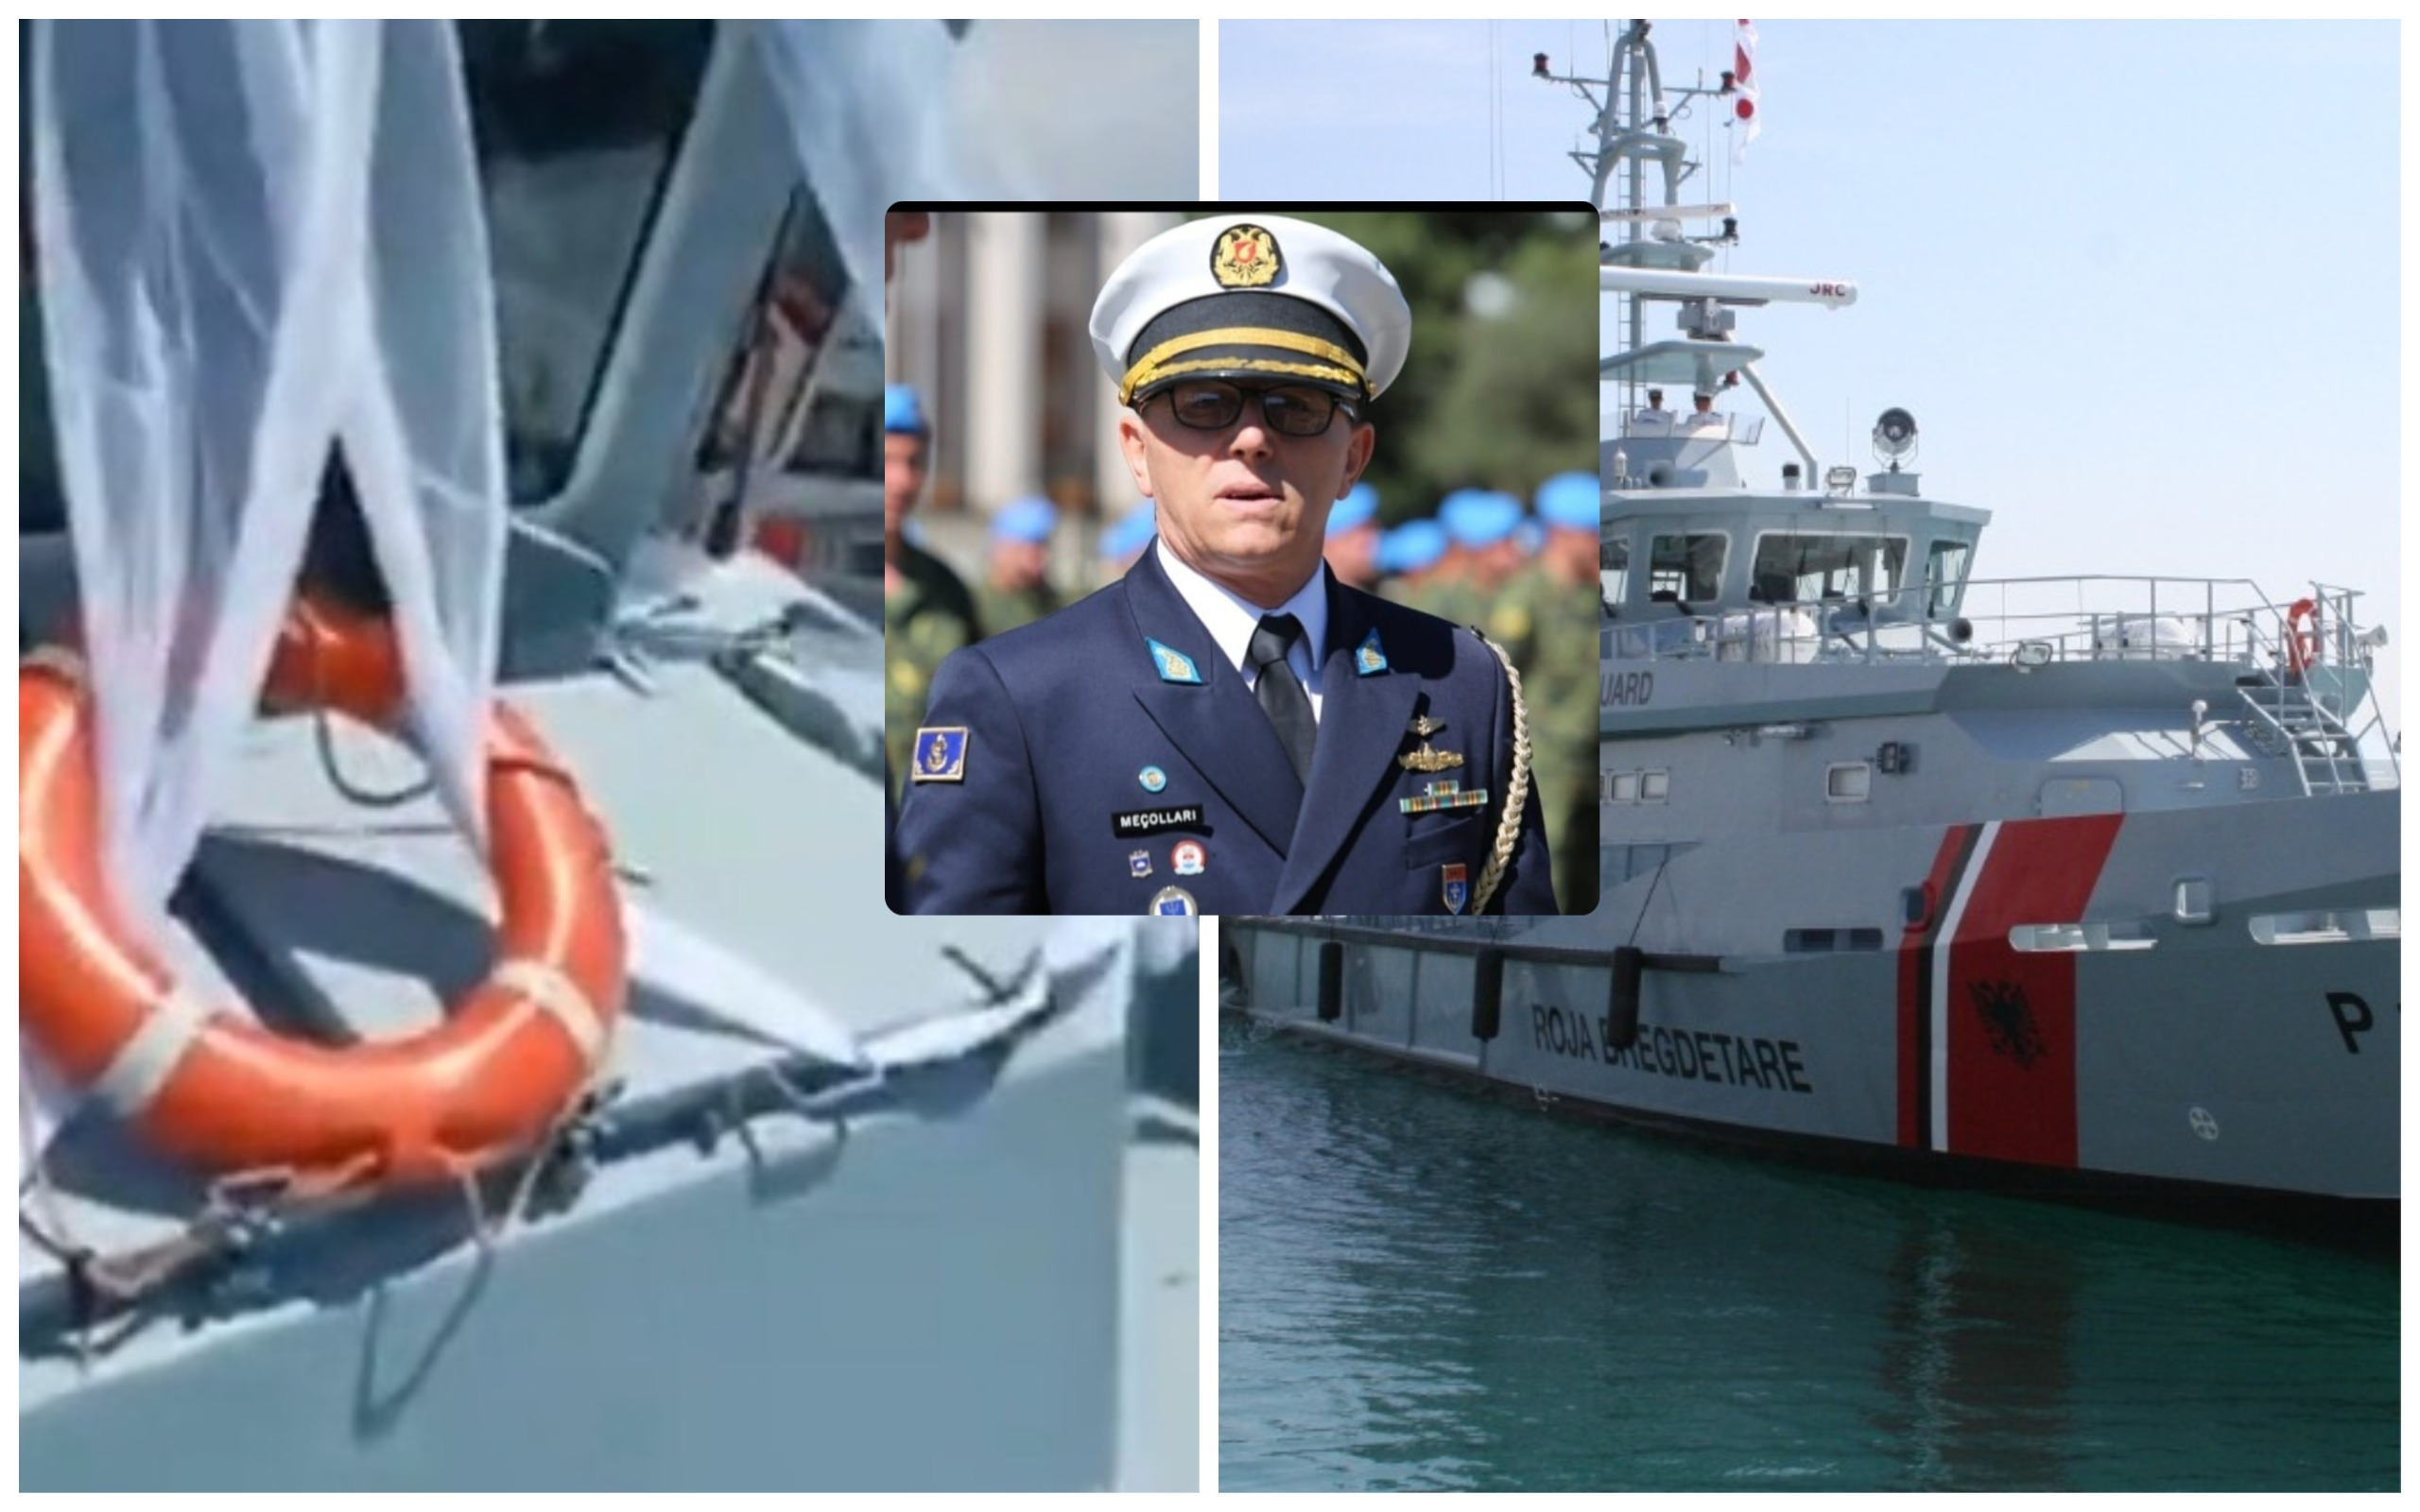 Dalin pamjet, kjo është video që i kushtoi postin zv.komandantit të Forcës Detare